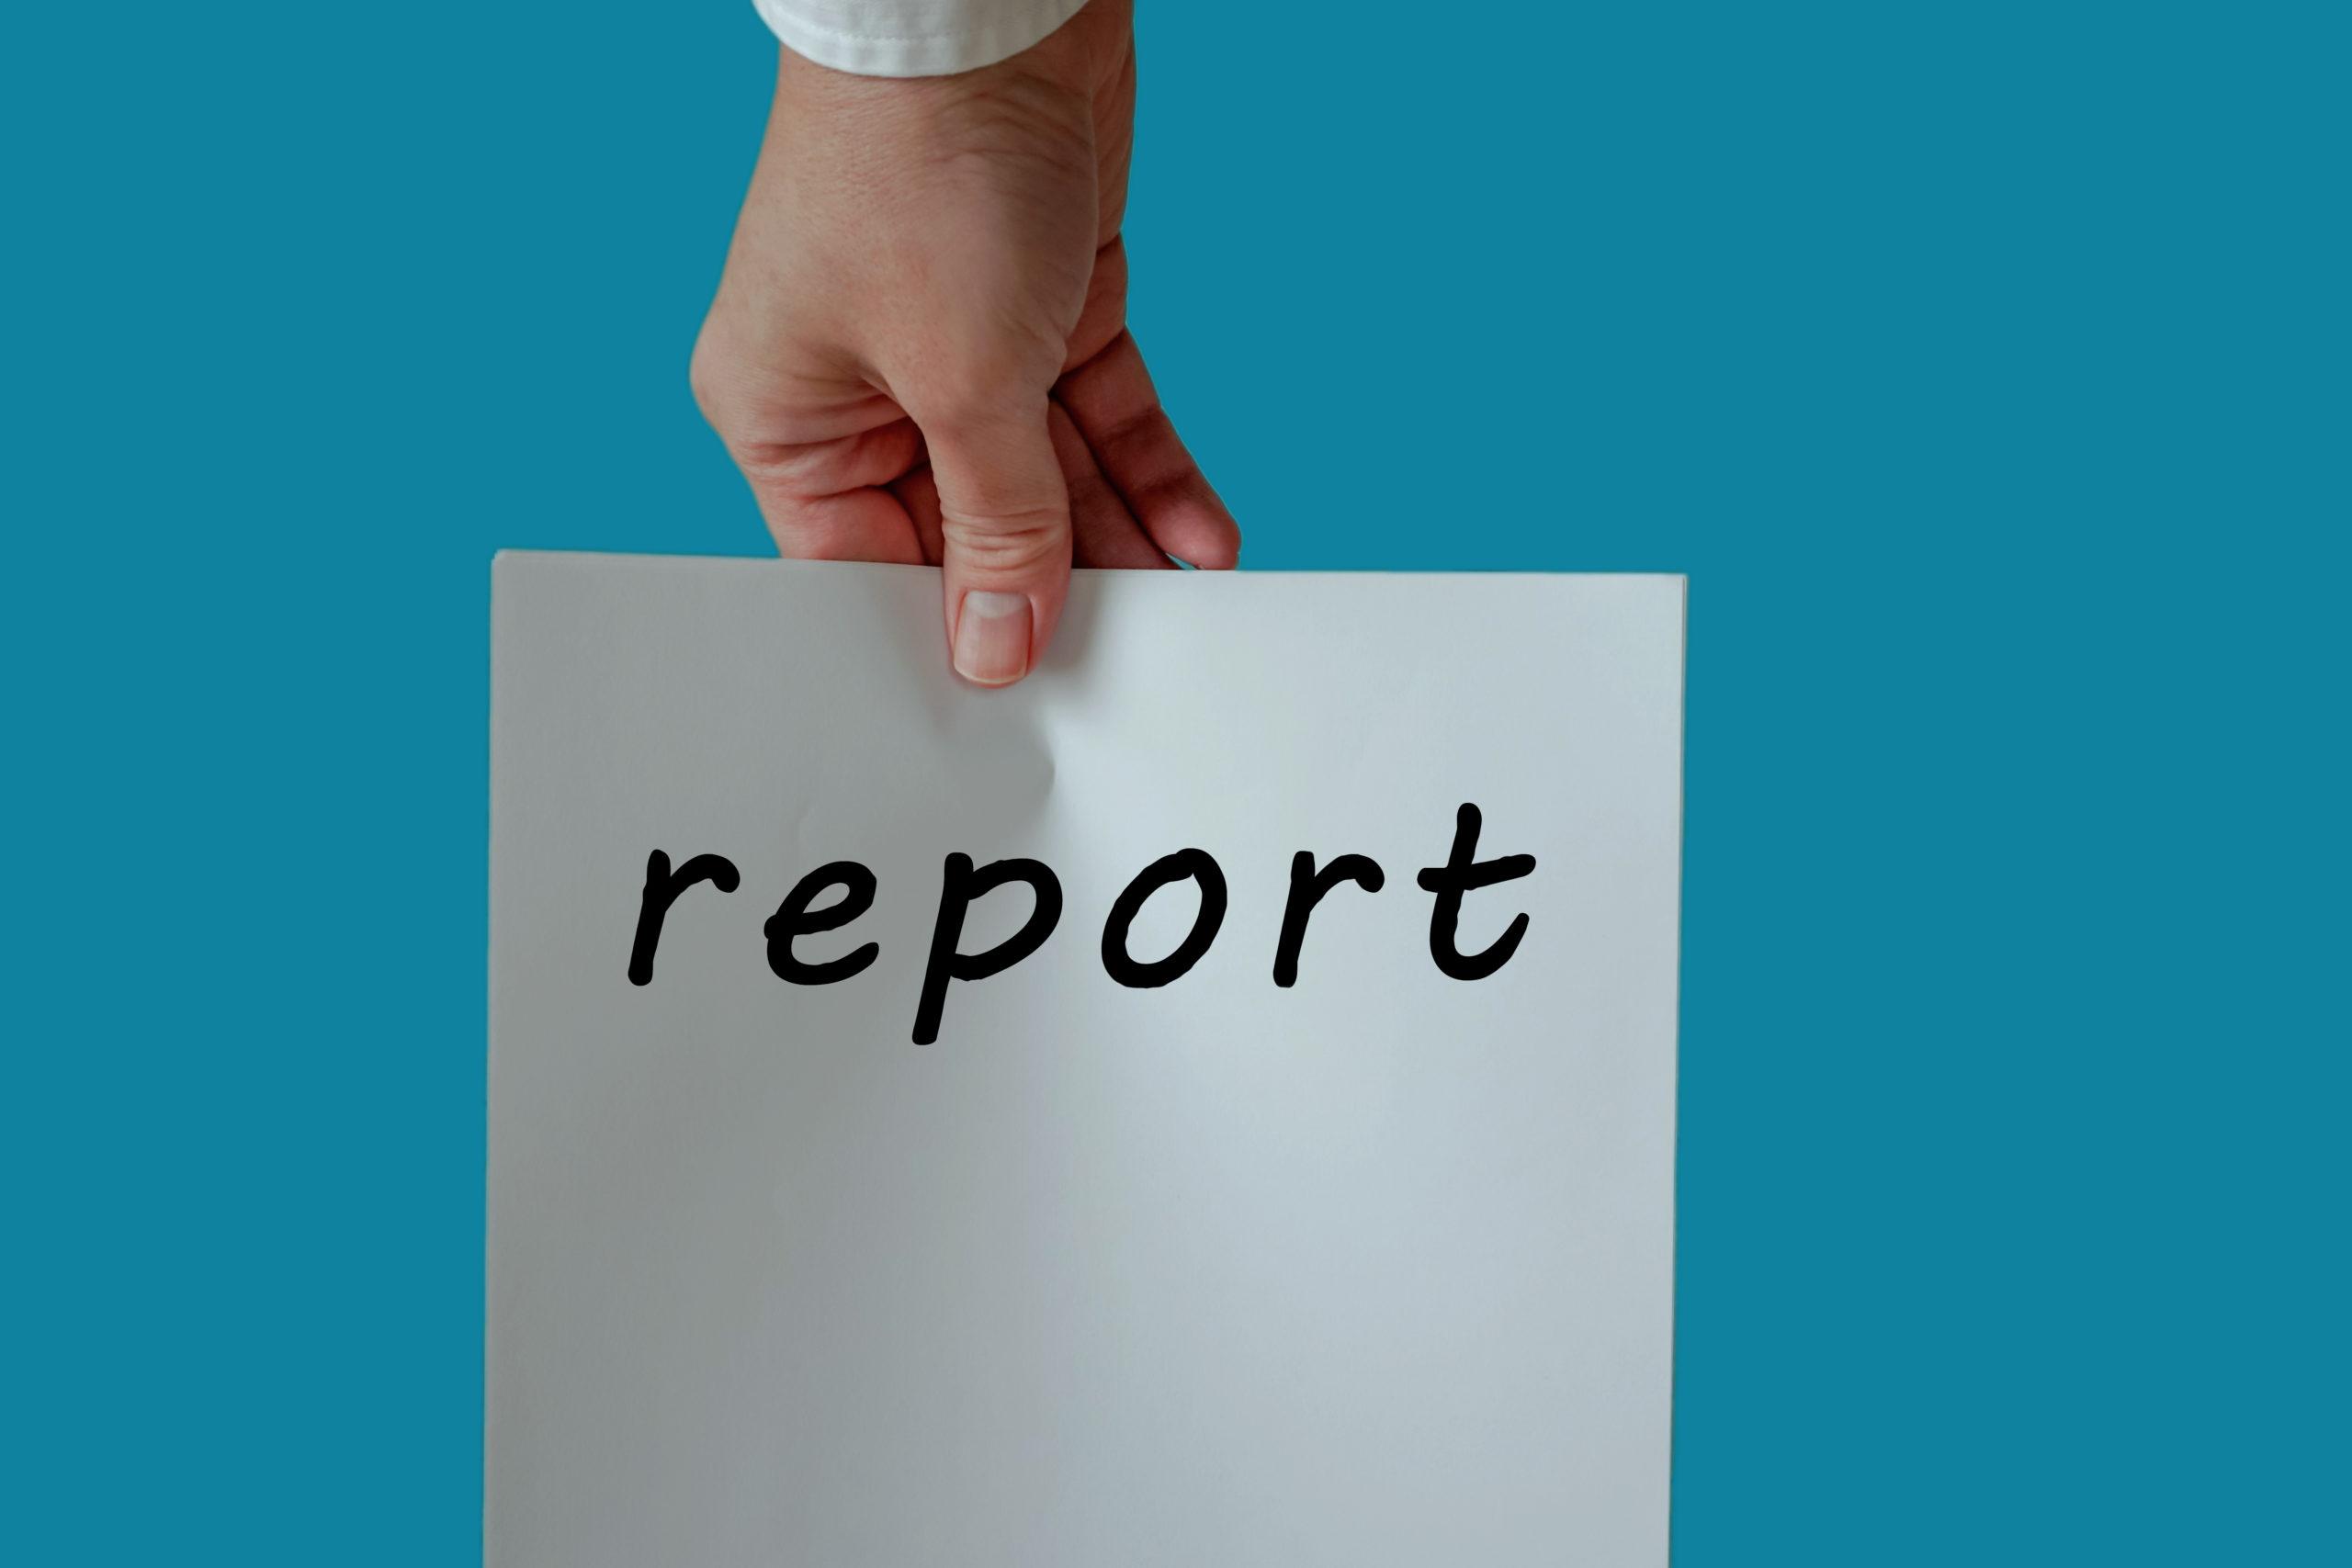 レポートで一発オッケーがもらえる秘密とは?